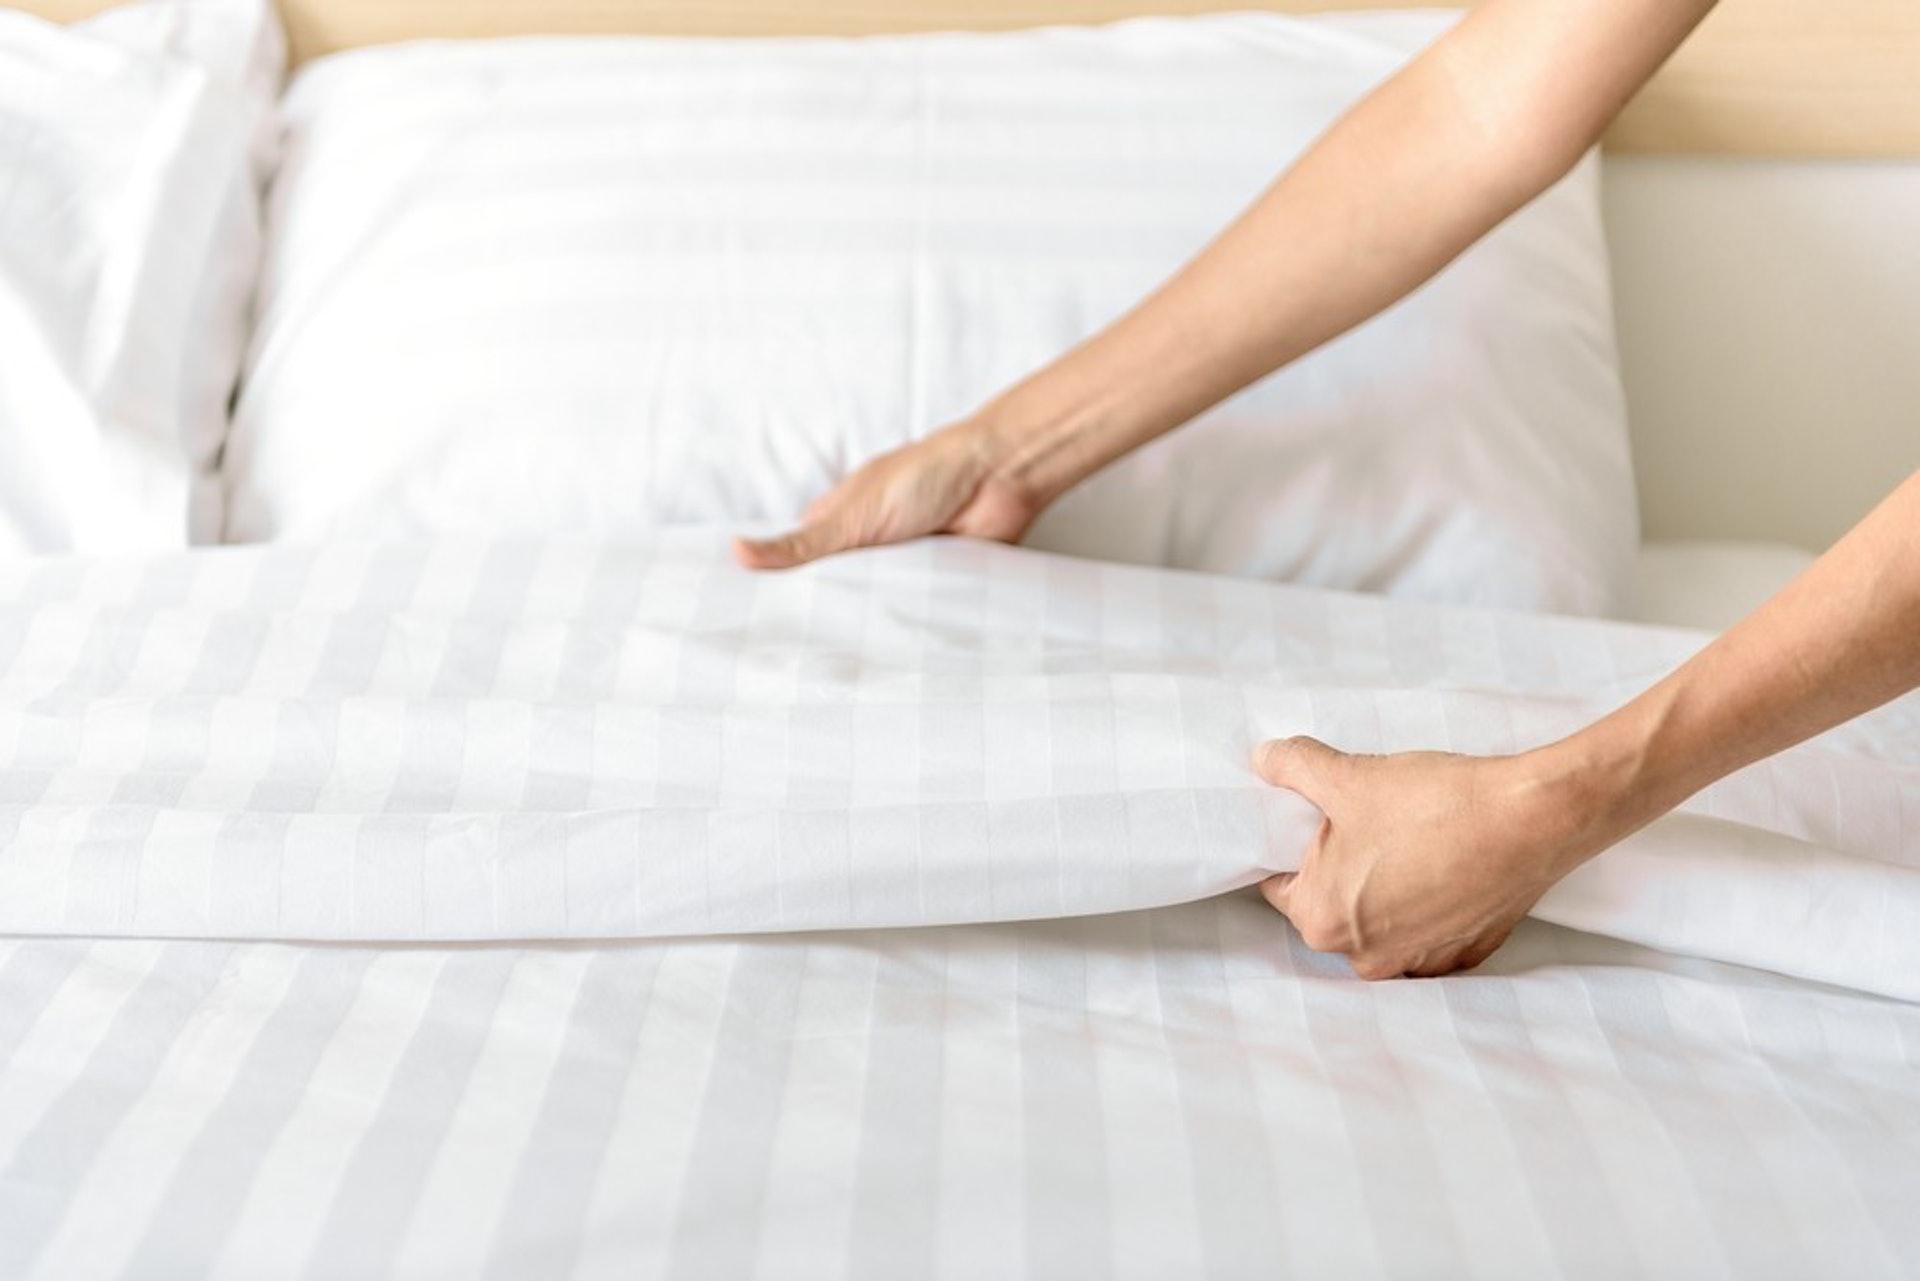 定期更換及清洗床上用品,避免積聚皮屑與灰塵,滋生塵蟎 (圖片: FreePik)